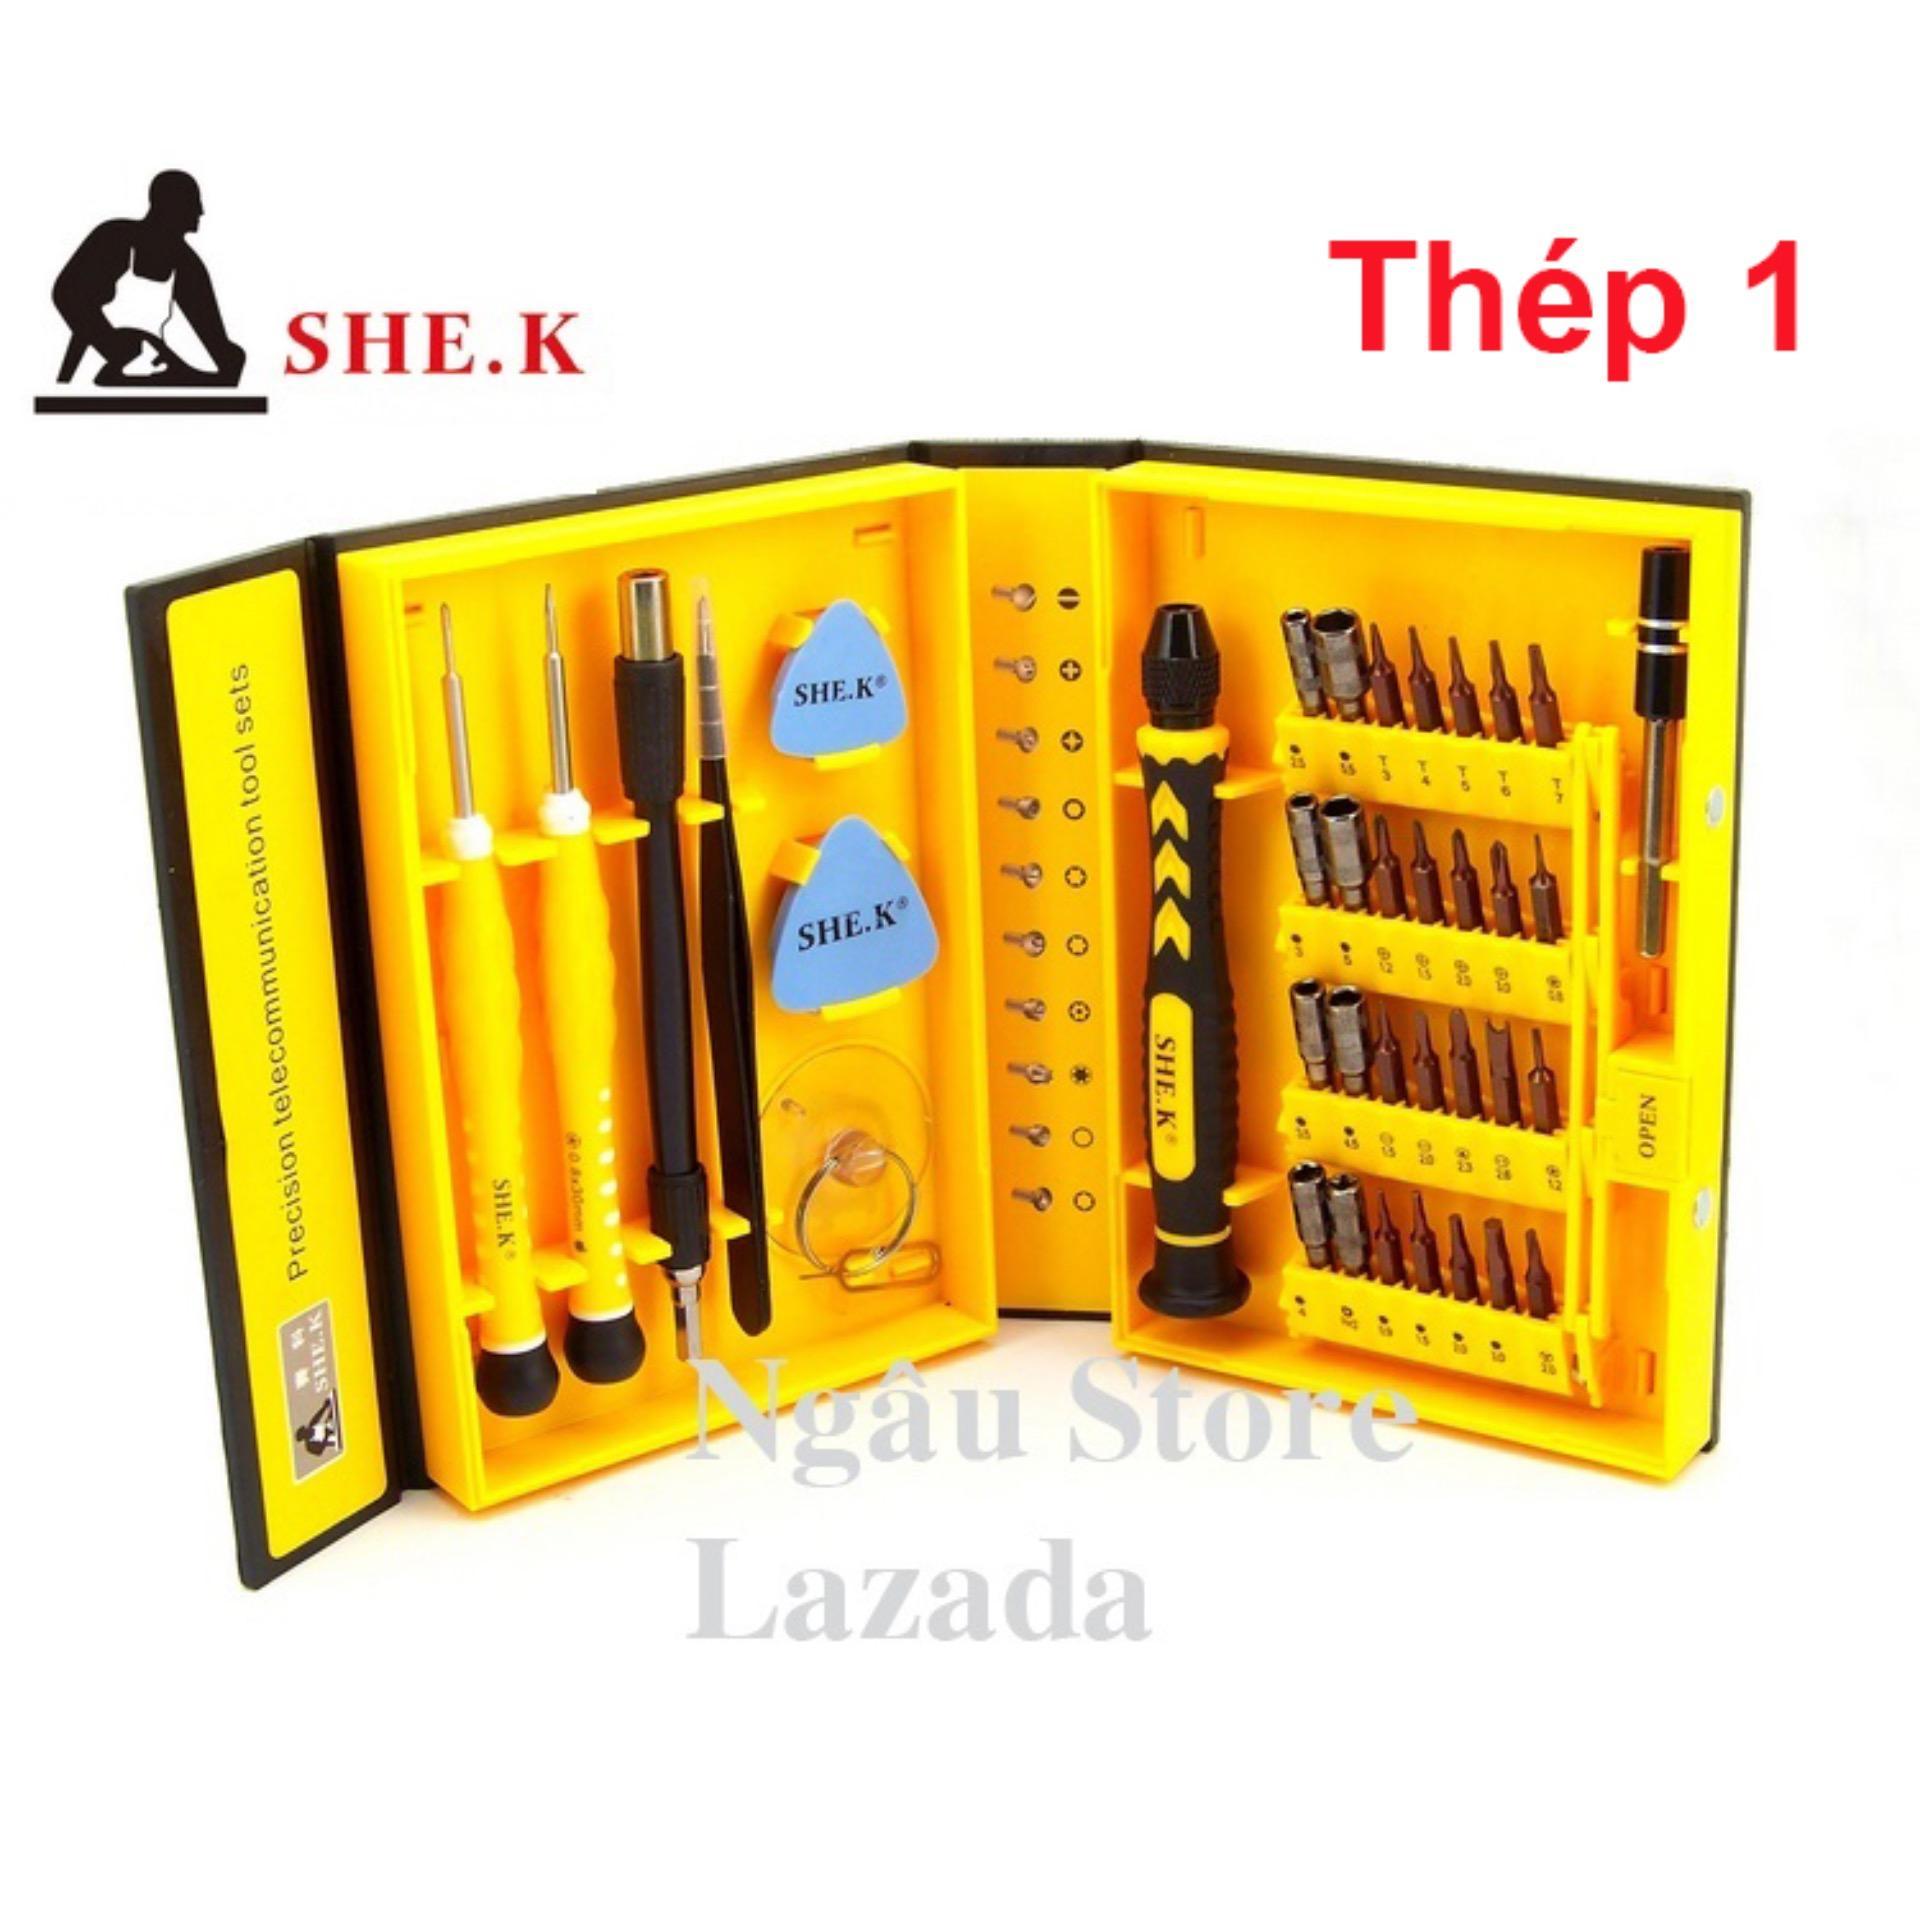 Bộ đồ nghề dụng cụ sửa tháo lắp điện thoại laptop chuyên dụng SHE.K (Thép 1)